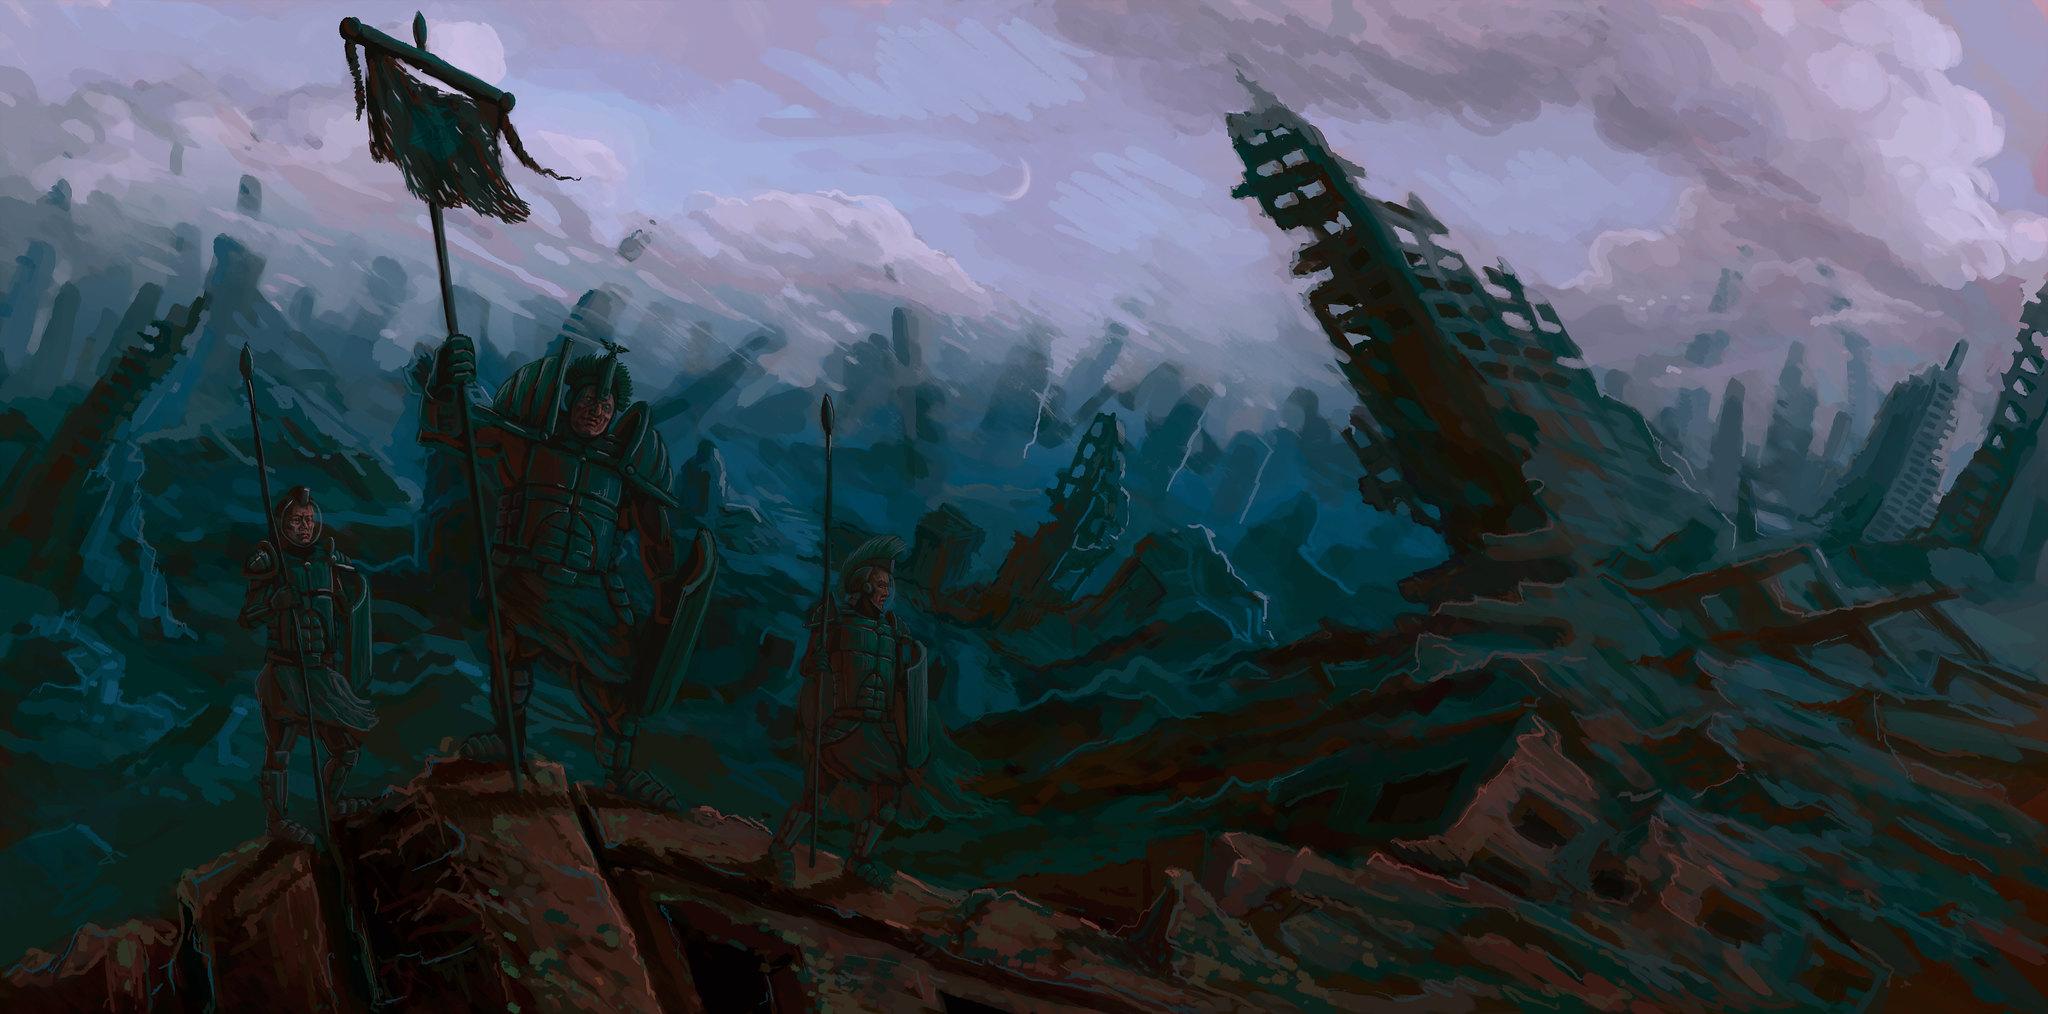 Vexillum in Desolationem